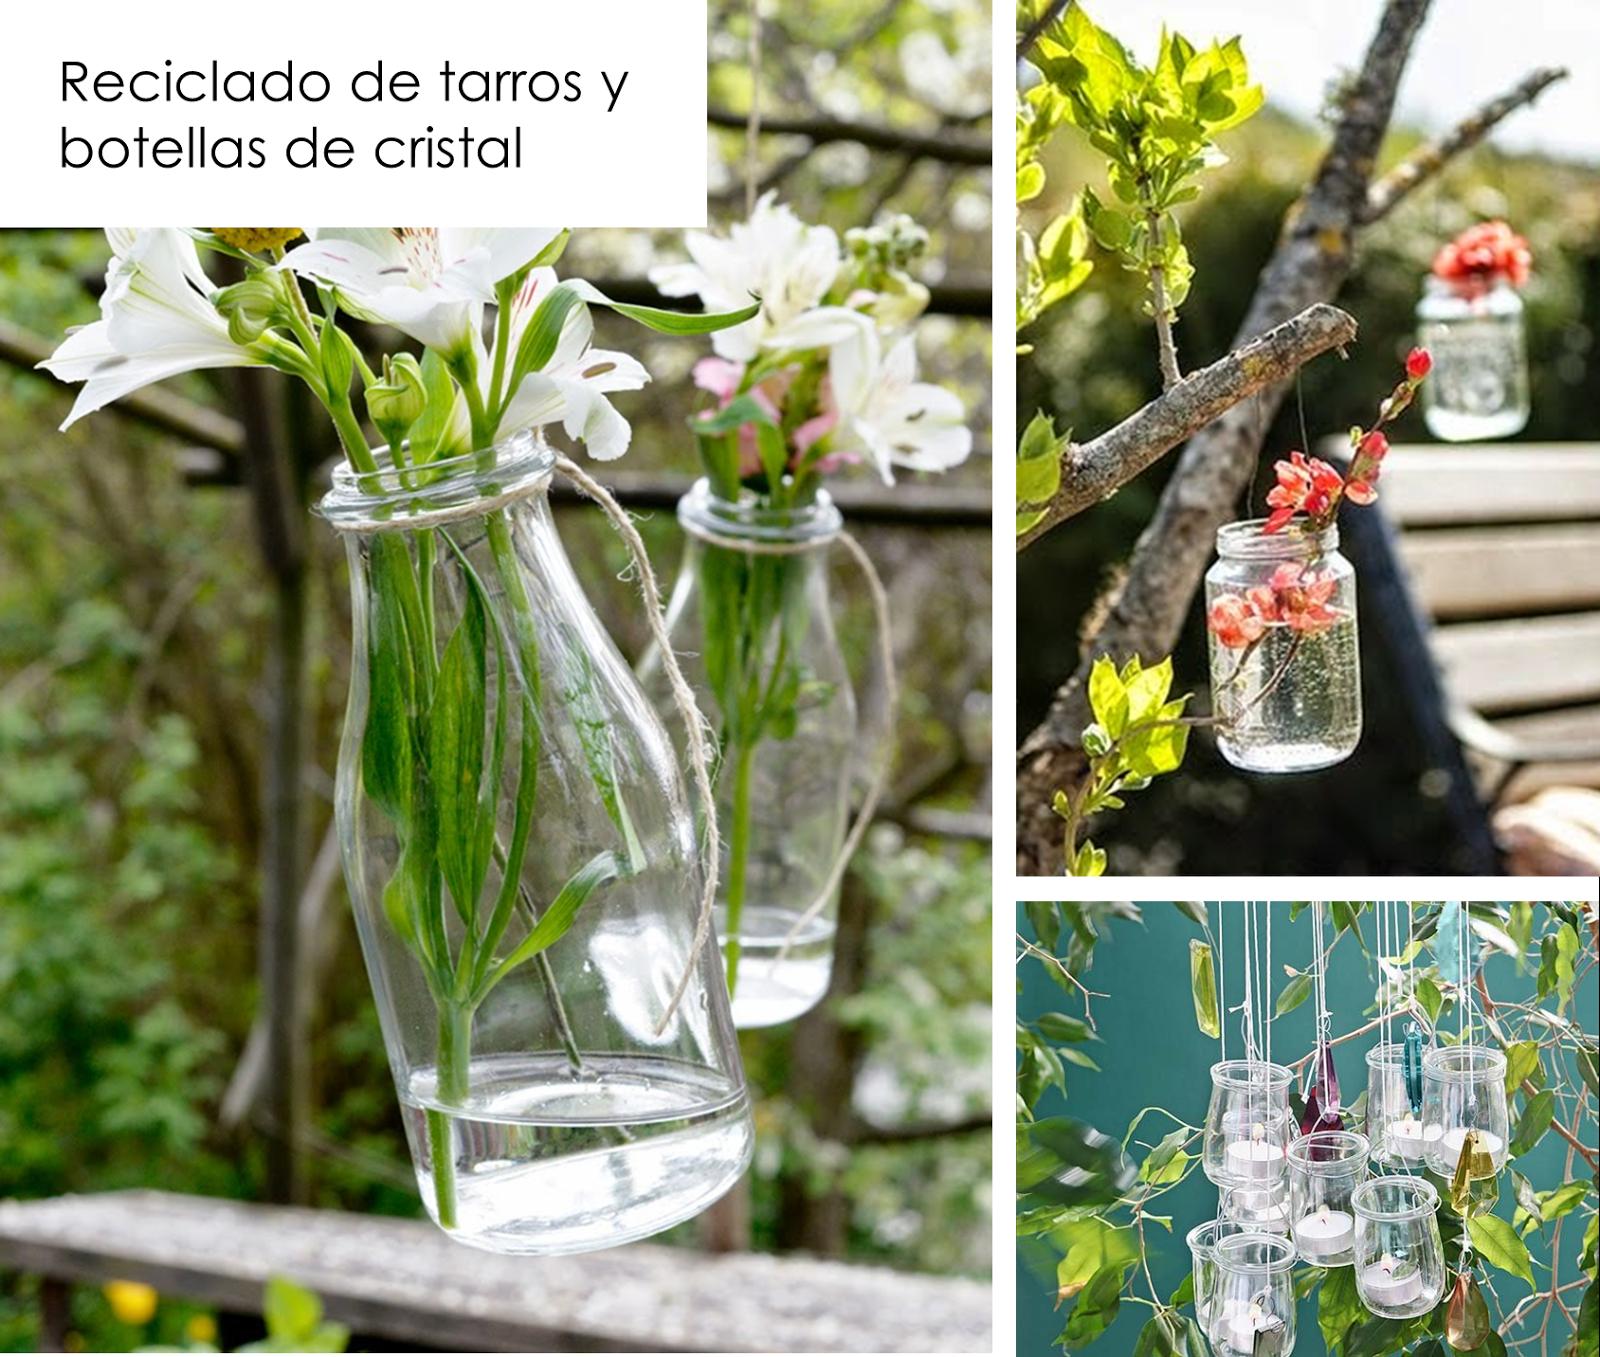 40 ideas de reciclaje y manualidades para el jard n - Manualidades de jardineria ...